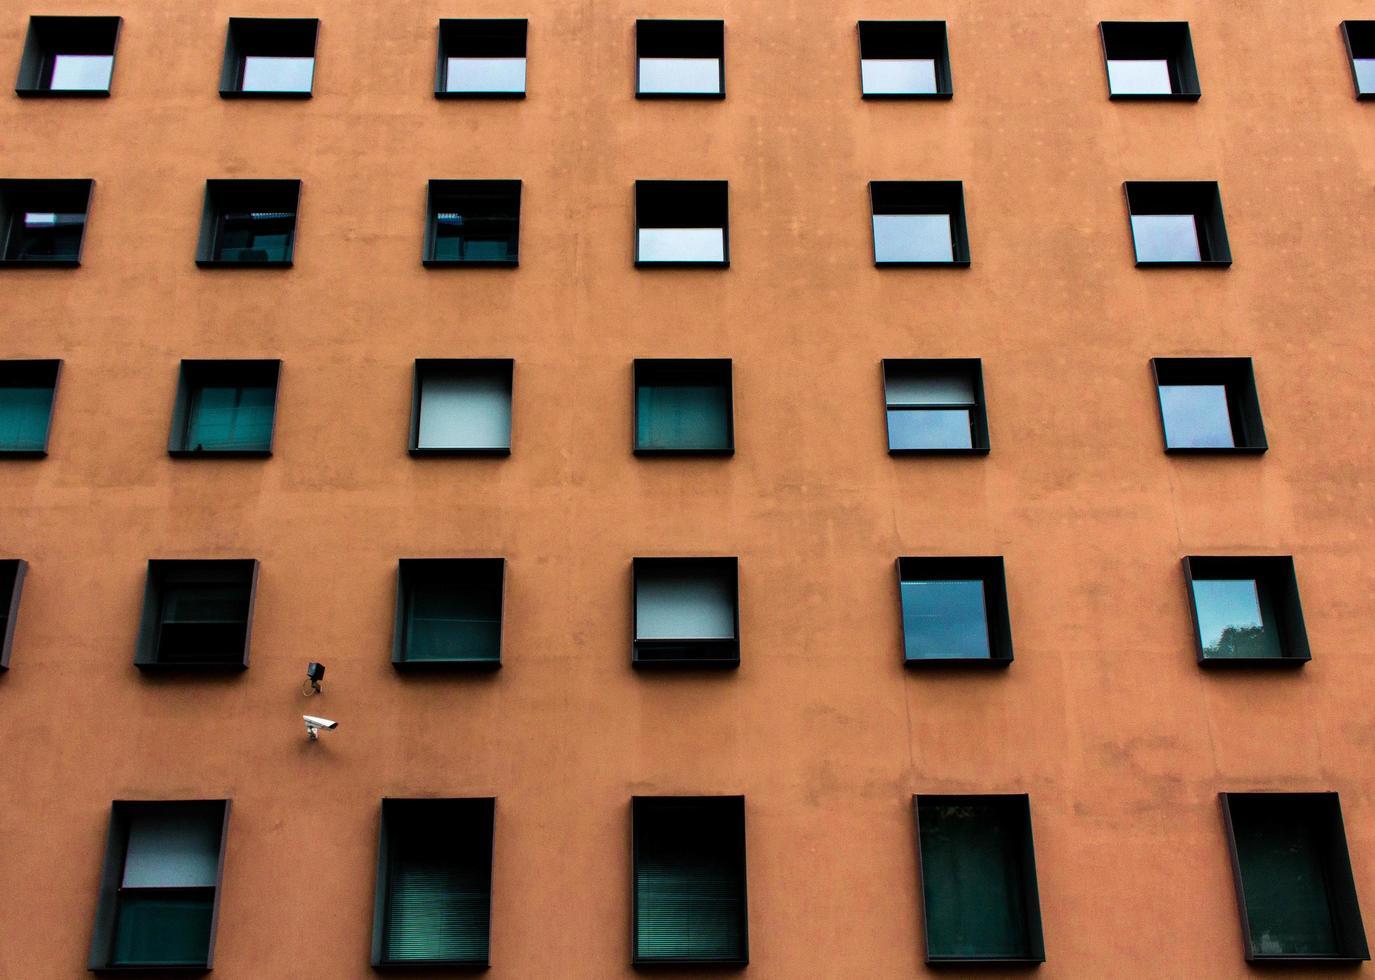 berlin, deutschland, 2020 - braunes wohnhaus tagsüber foto